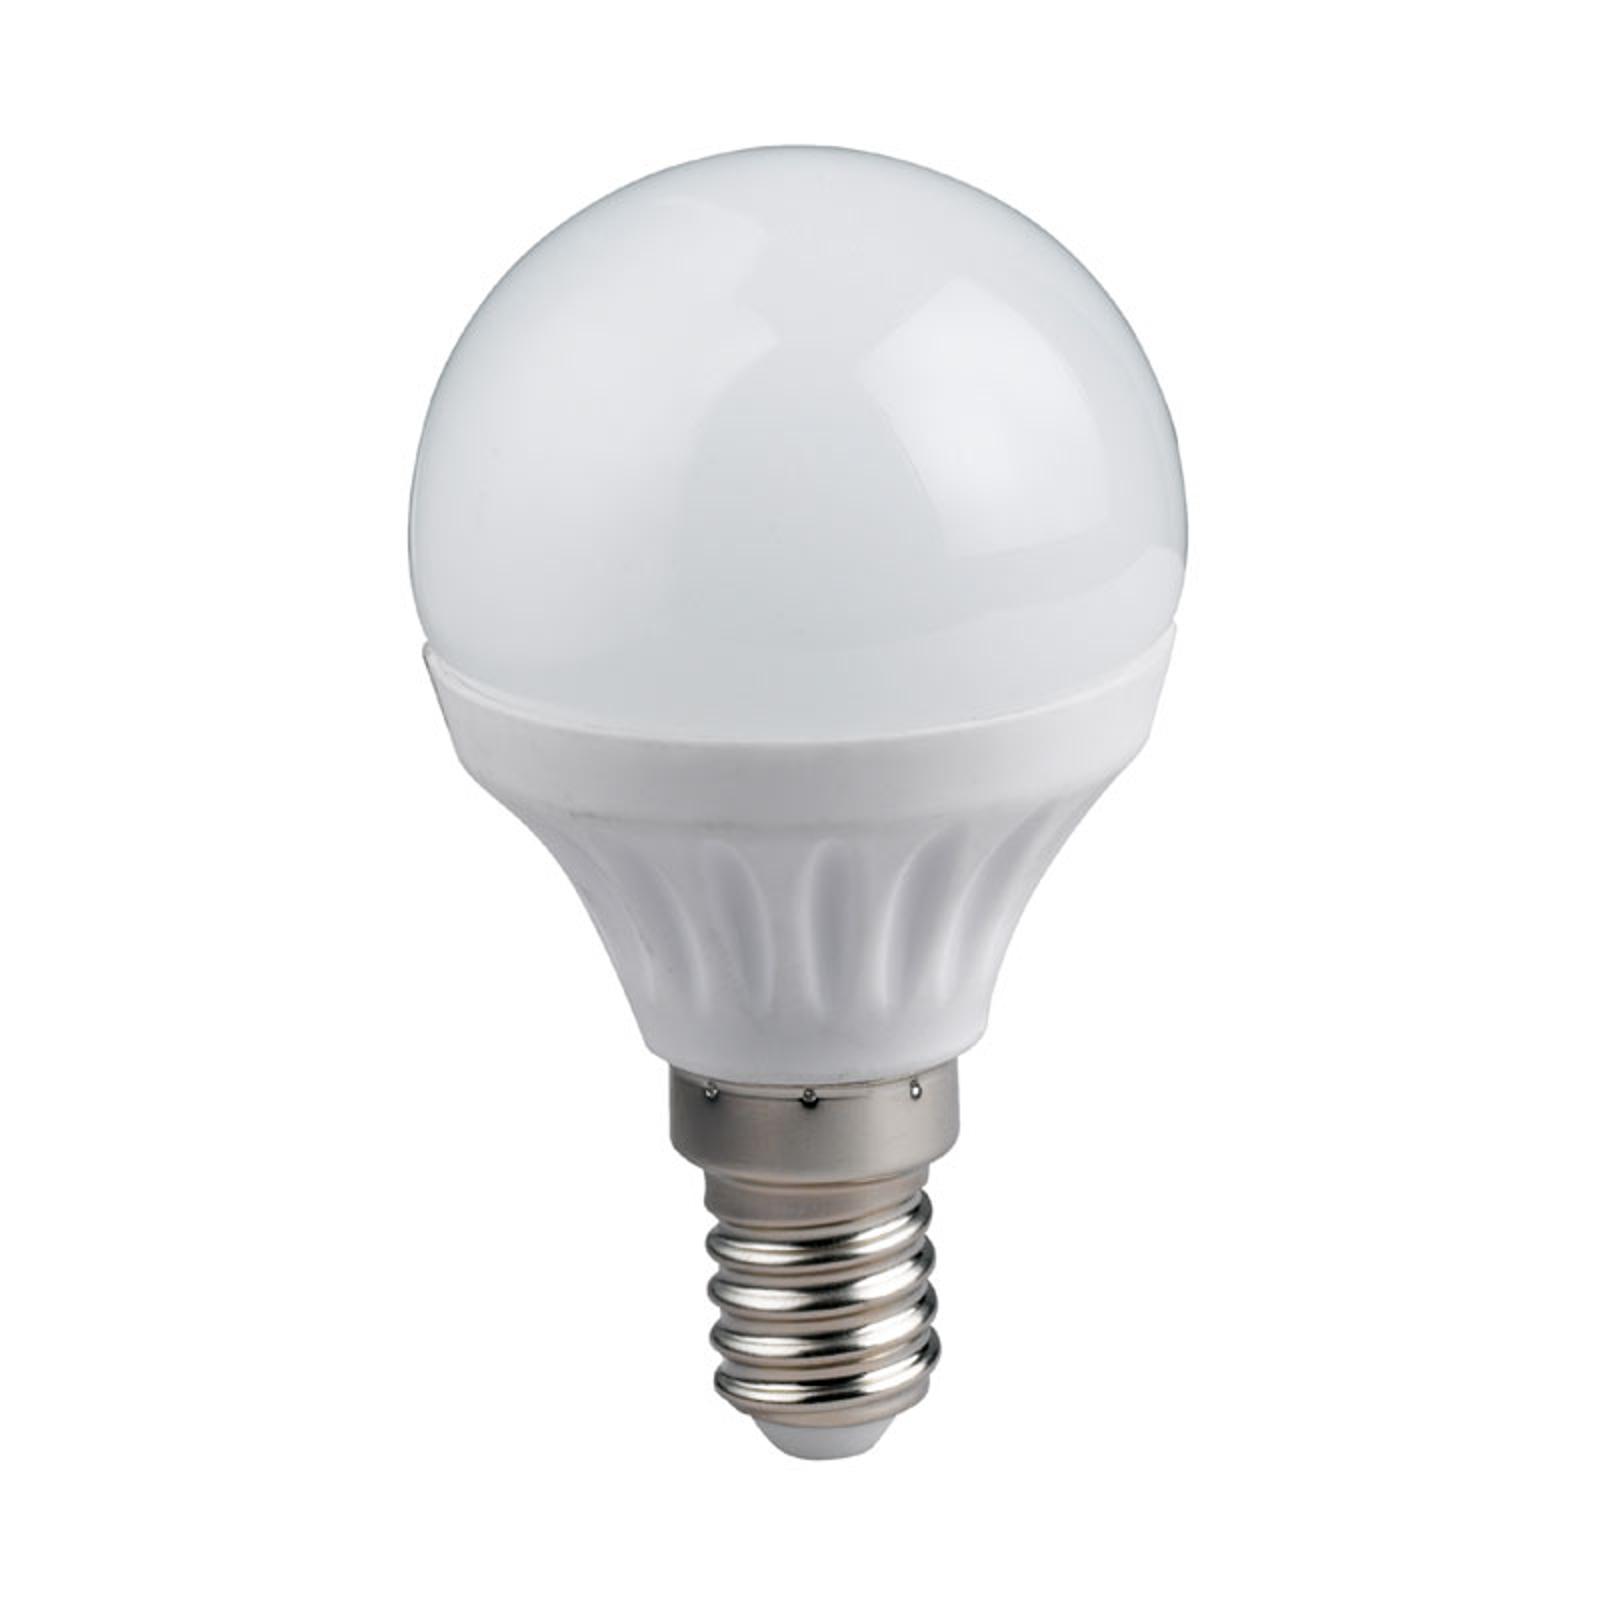 Ampoule goutte E14 4 W LED, blanc chaud